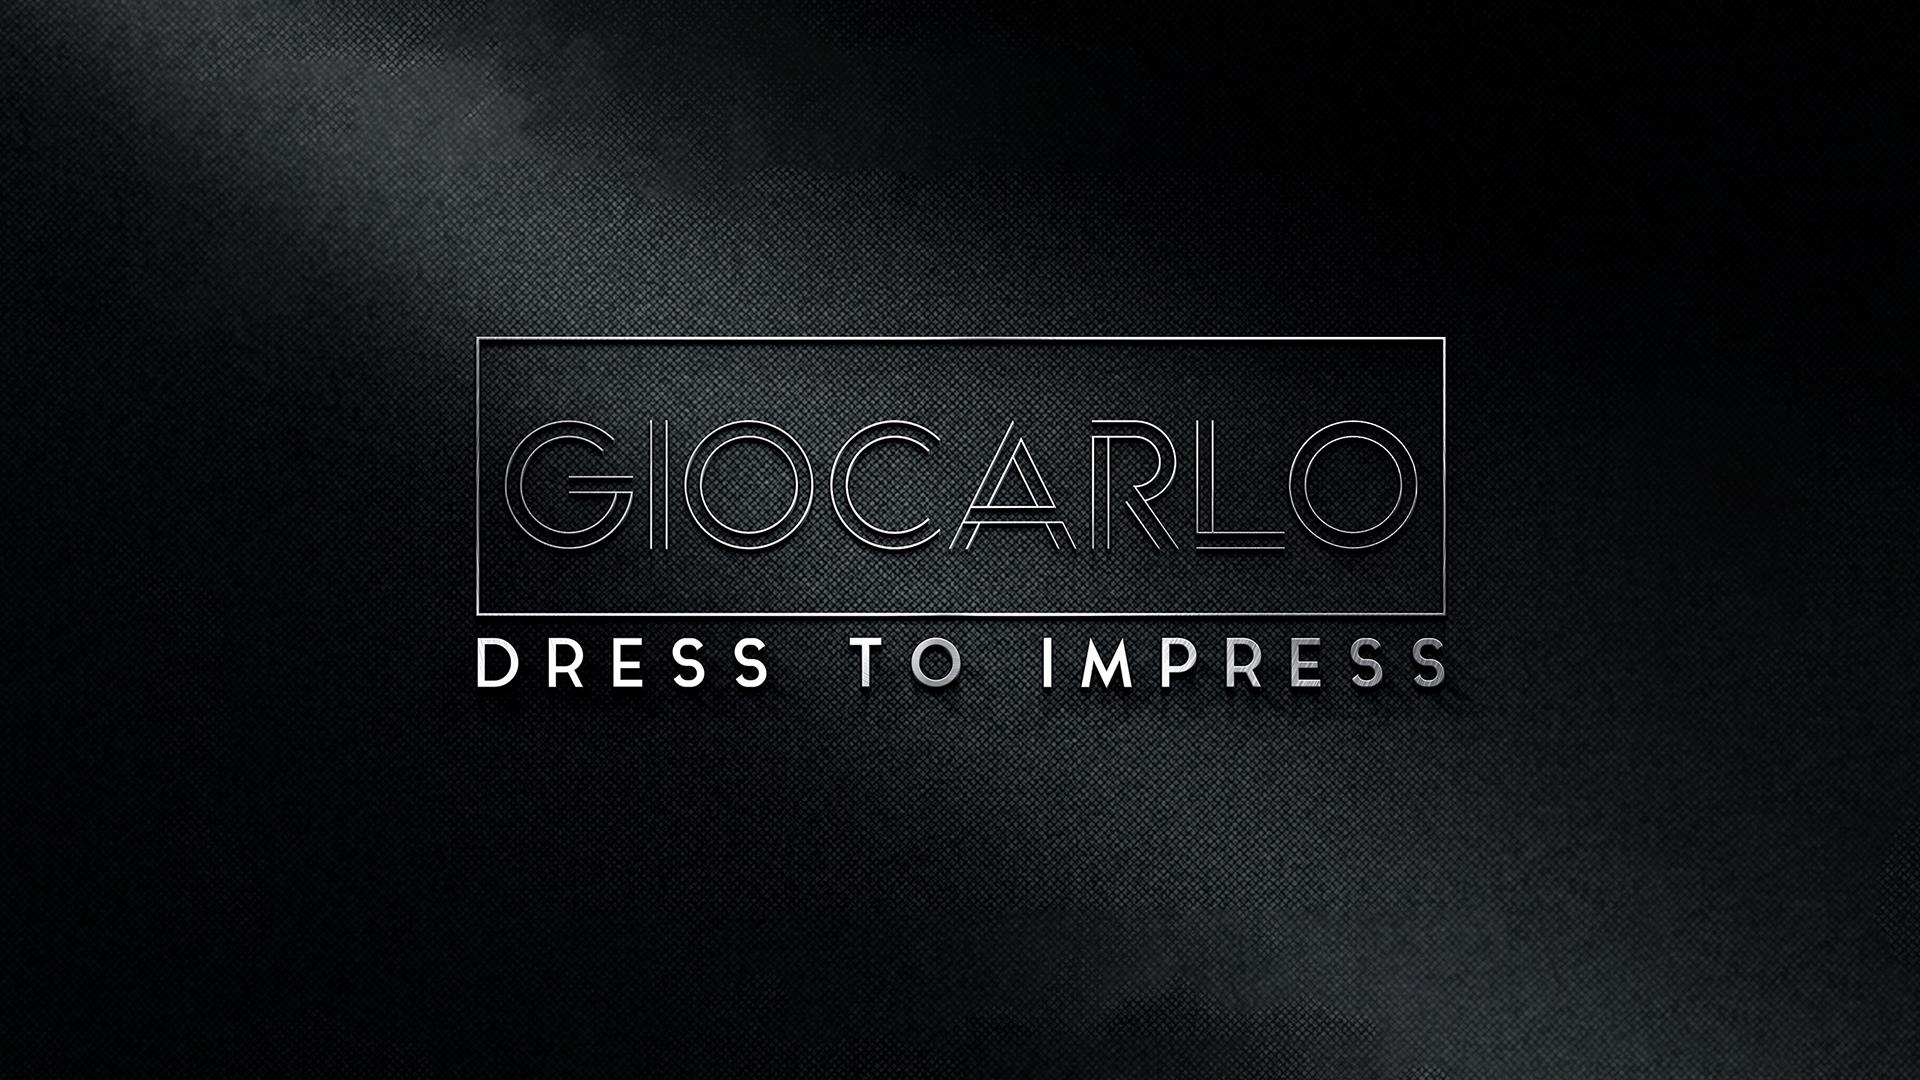 Giocarlo Logo, dress to impress